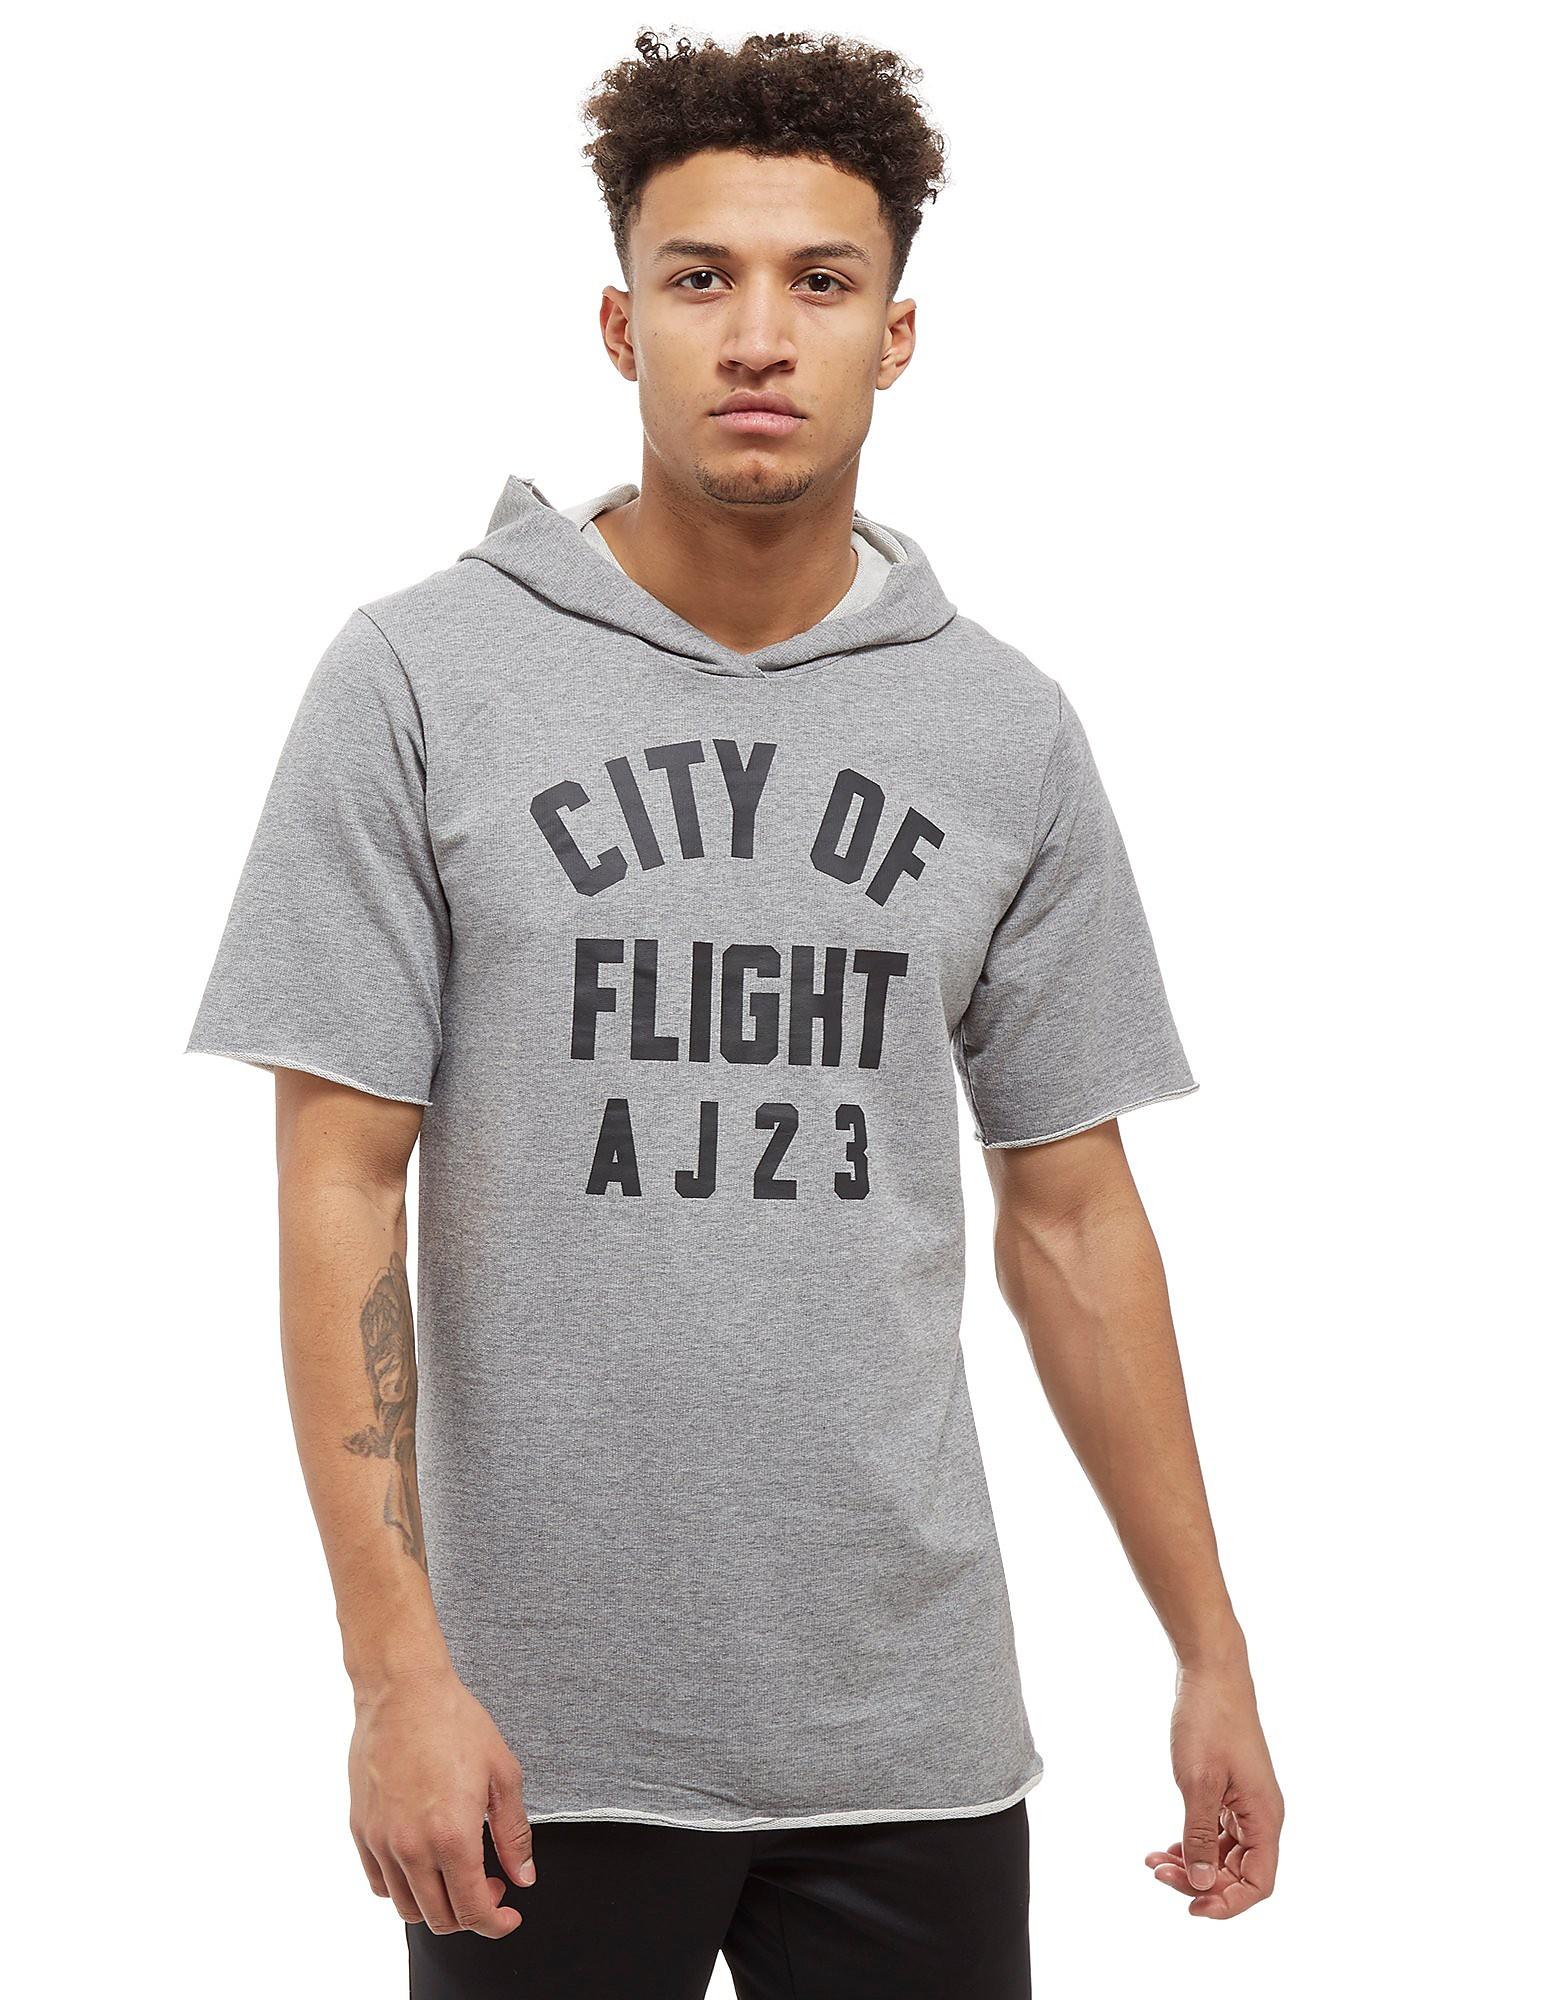 Jordan City of Flight Short Sleeve Hooded Top